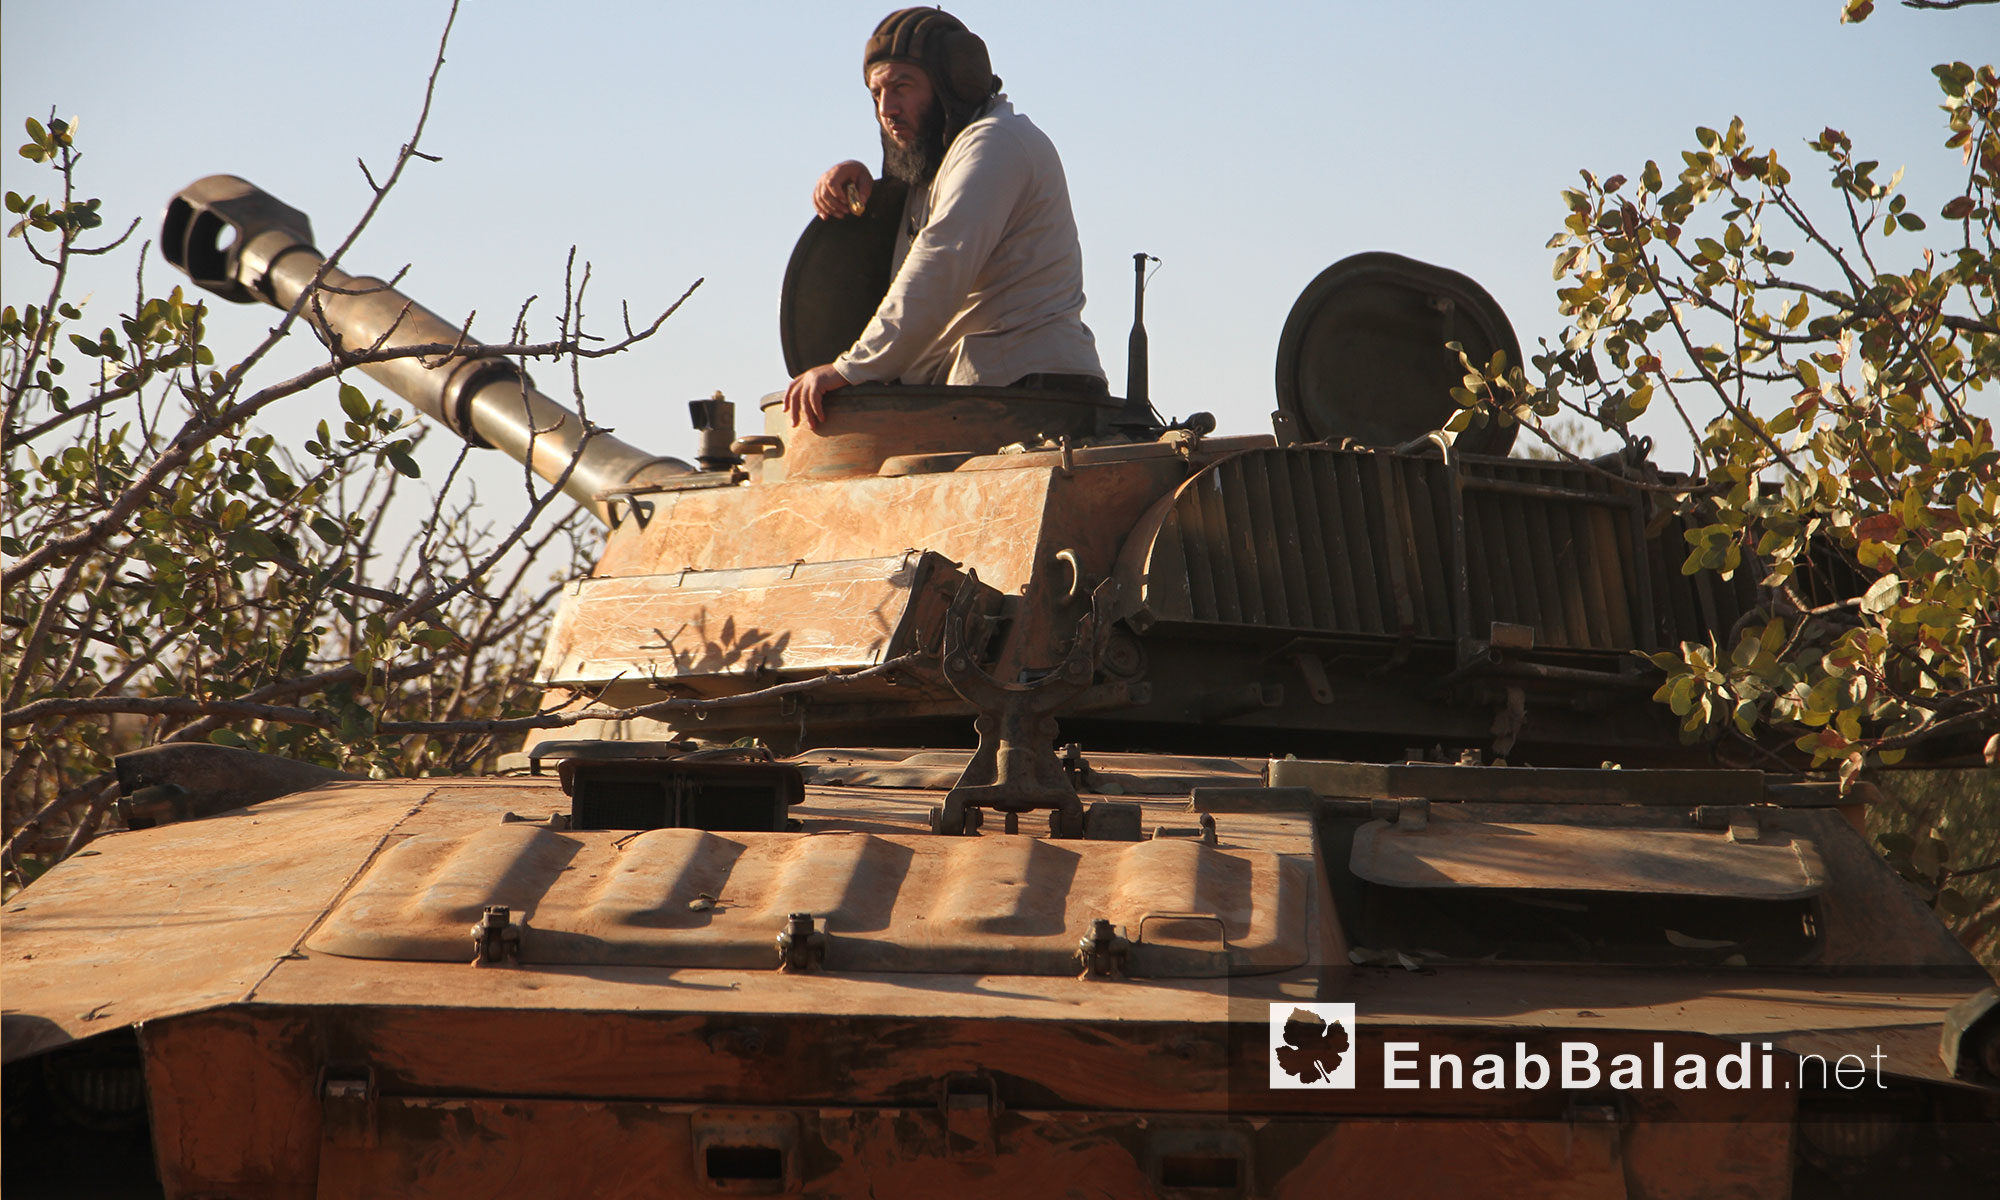 """مقاتل داخل دبابة لحركة """"أحرار الشام"""" قرب بلدة القاهرة في ريف حماة الشمالي - الثلاثاء 27 أيلول (عنب بلدي)"""